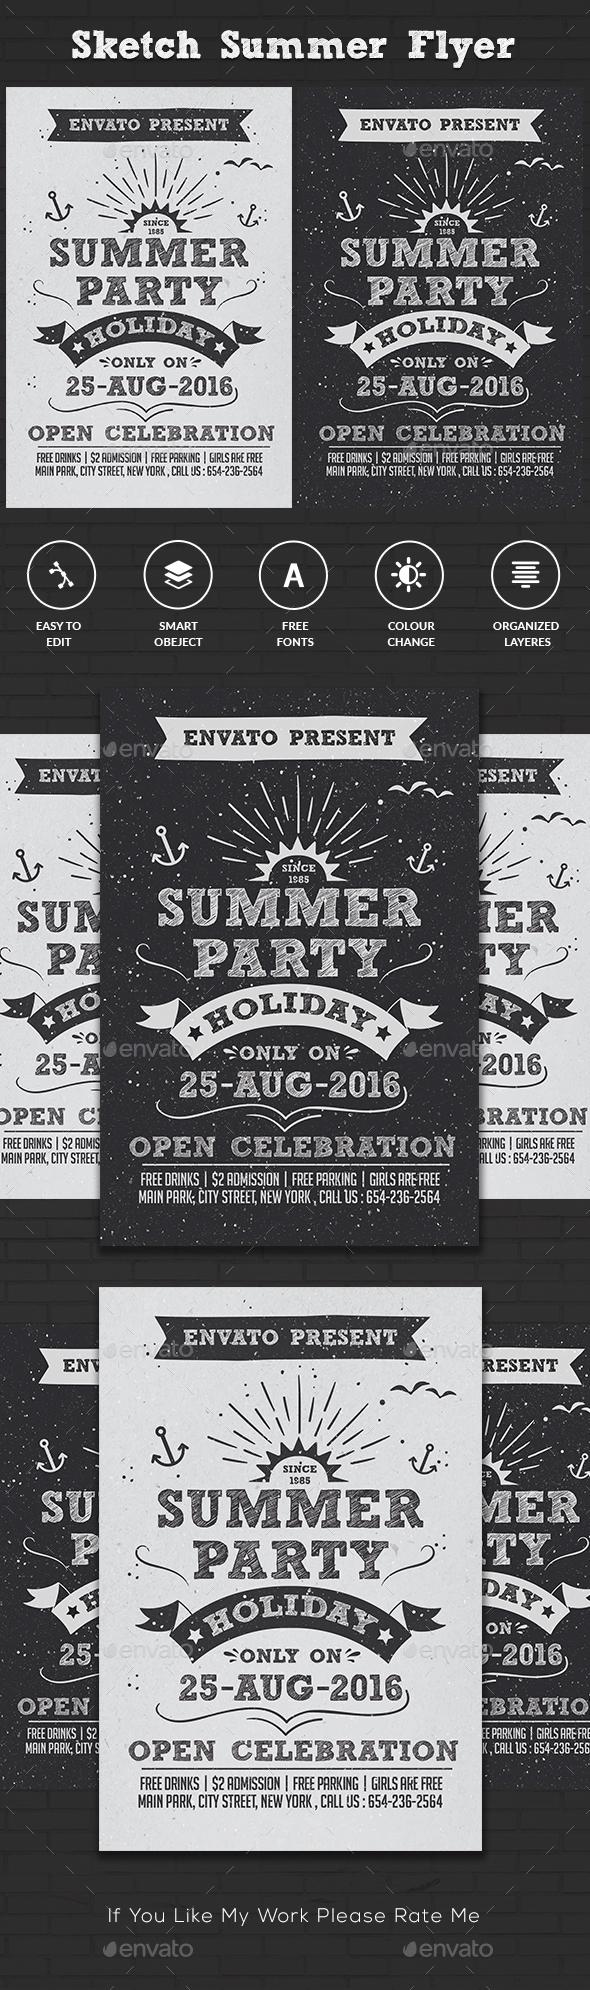 Sketch Vintage Summer Flyer